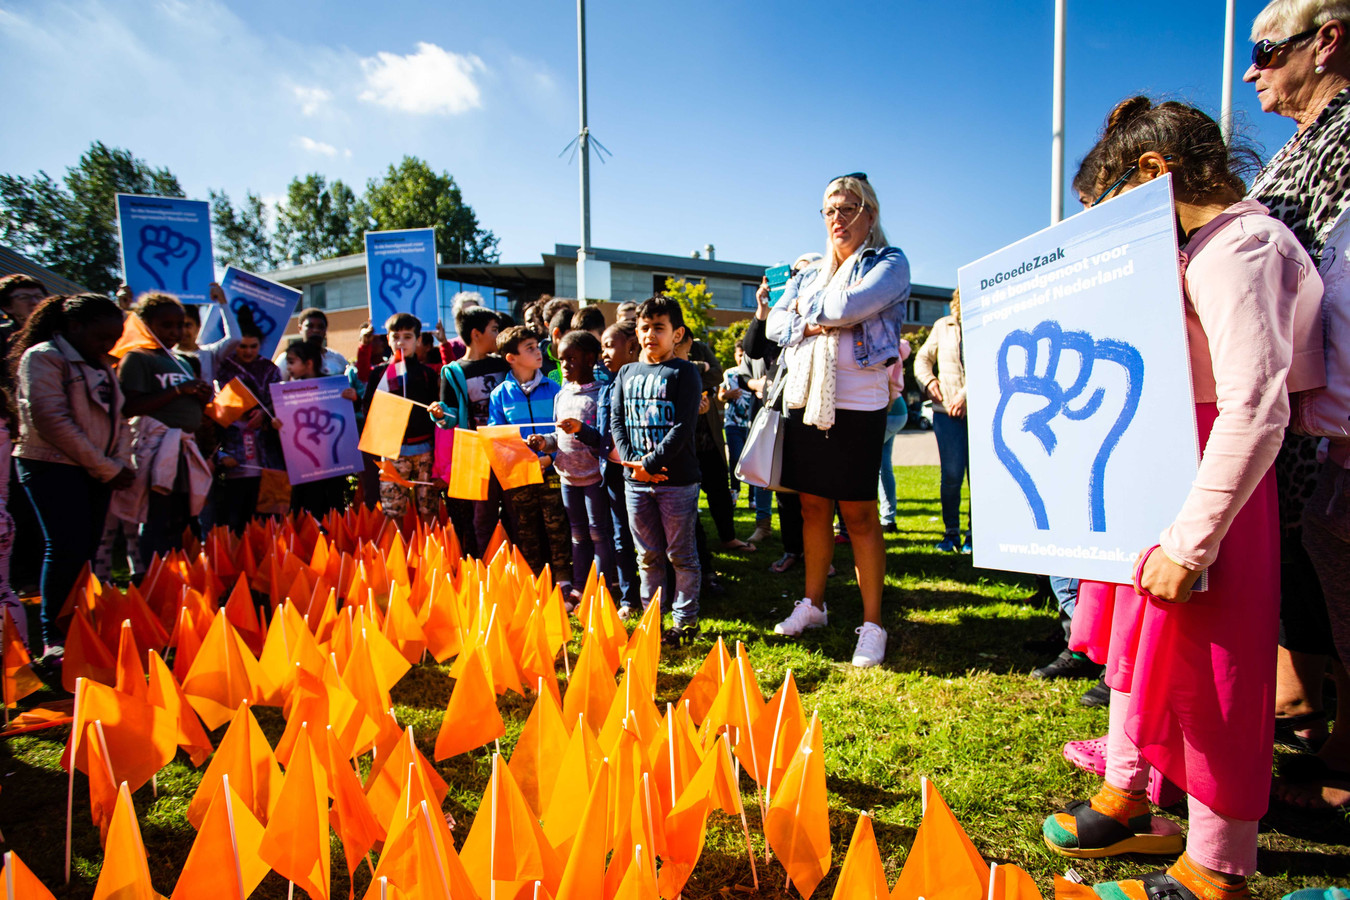 Demonstranten tijdens een demonstratie van DeGoedeZaak en Defence for Children tegen het uitzetten van gewortelde kinderen in Nederland.